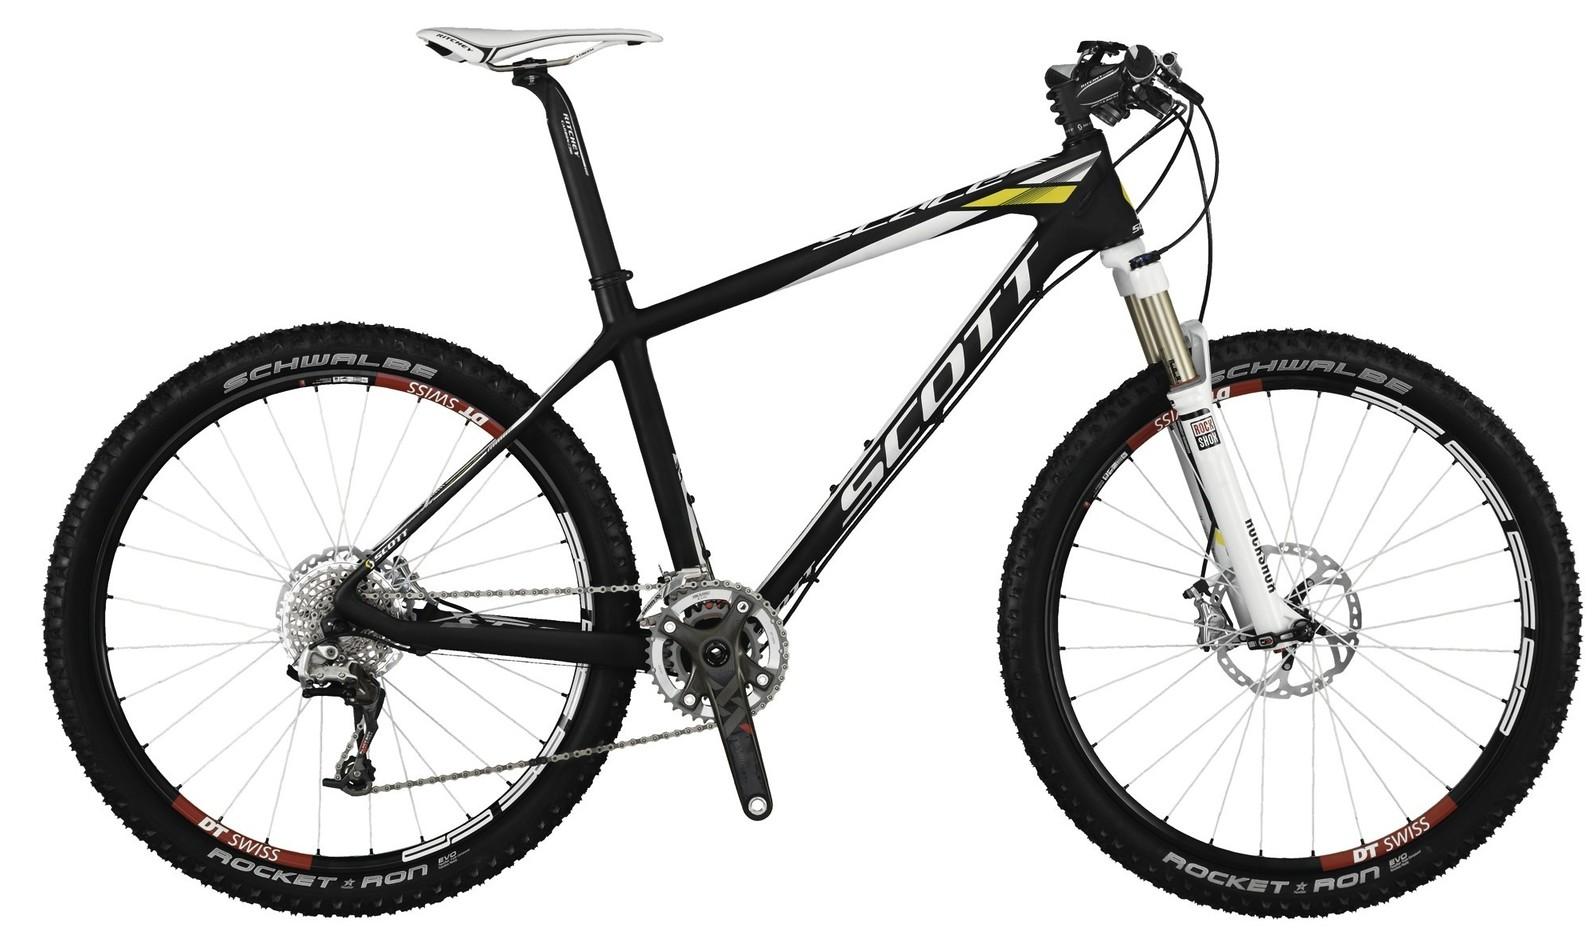 2013 Scott Scale 600 RC  Bike SCOTT Scale 600 RC Bike